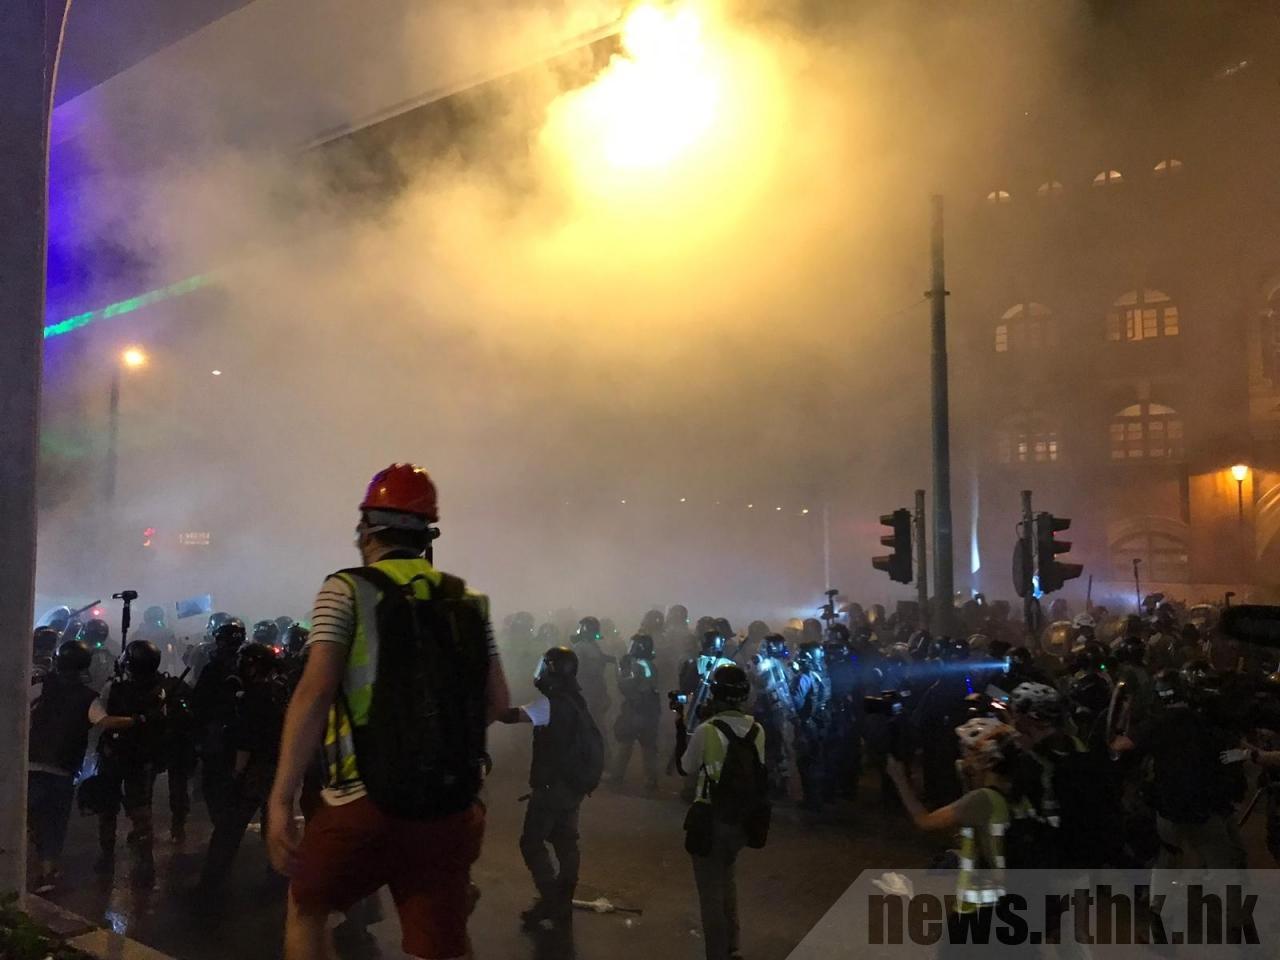 香港警察昨晚十時半以後清場,發射多枚催淚彈,驅散示威者。圖/香港電台提供